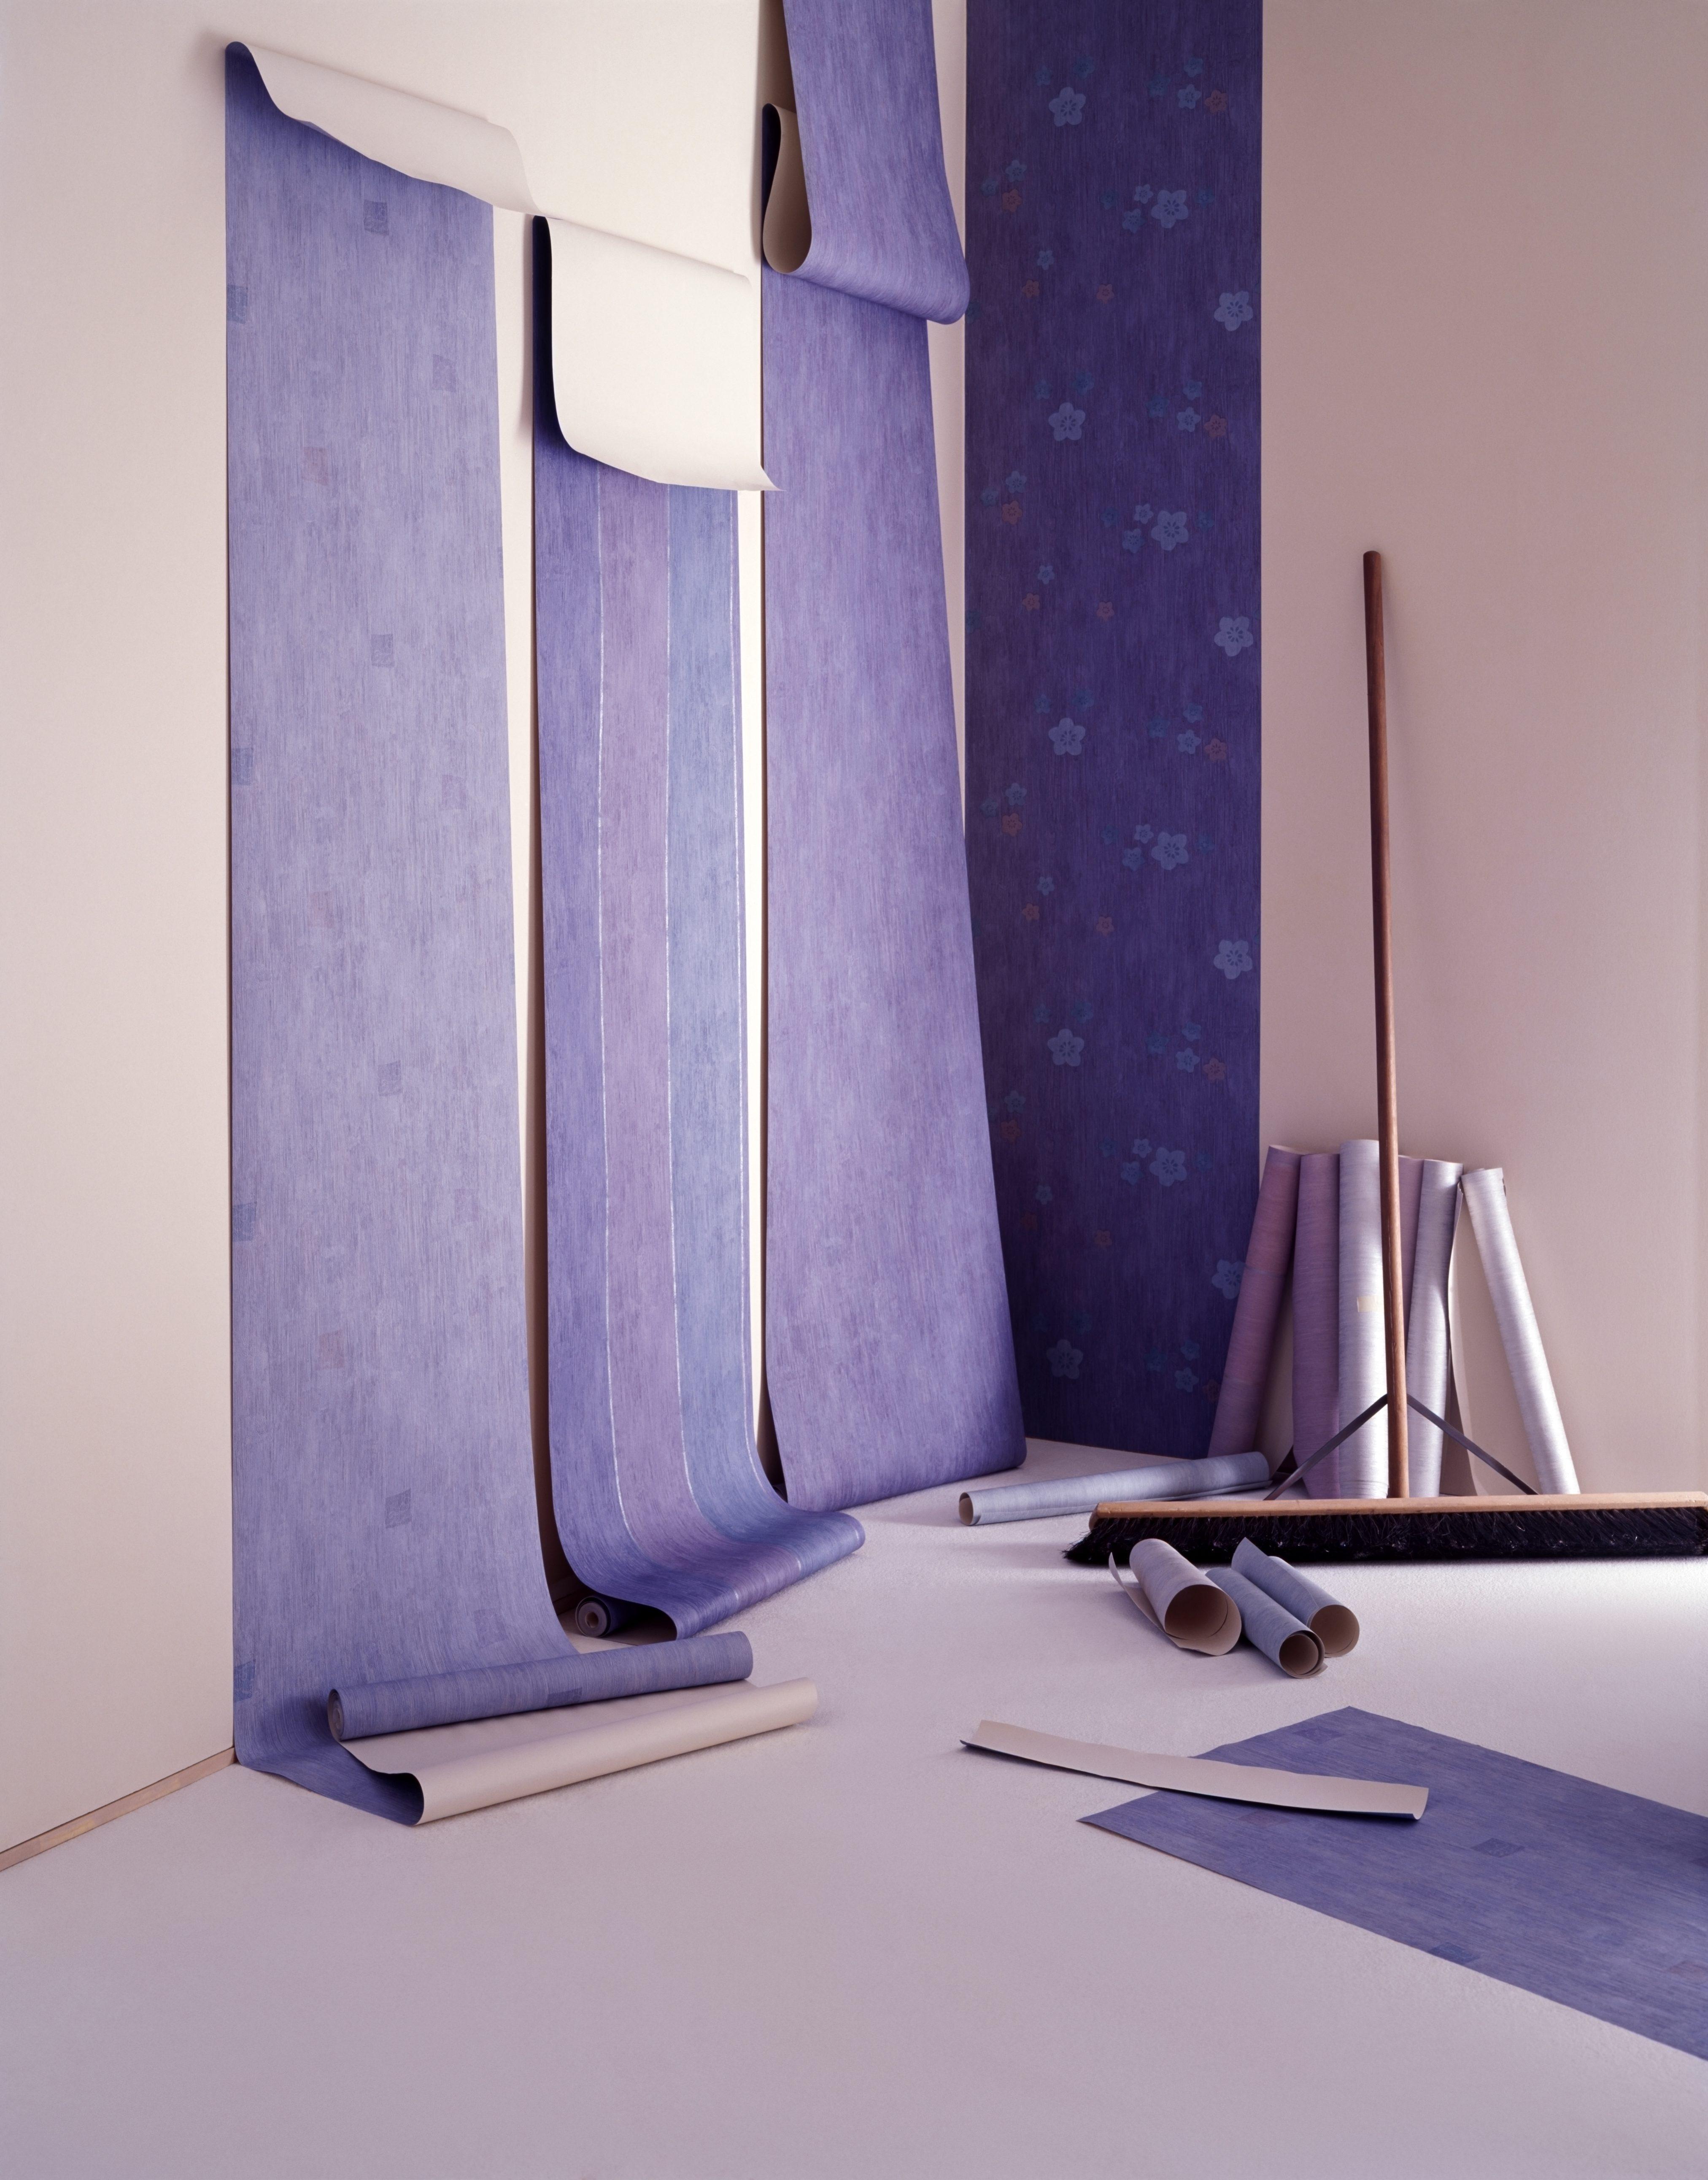 Vor und nachteile beim tapezieren gegen ber putzalternativen biozell - Wand grundieren vor tapezieren ...